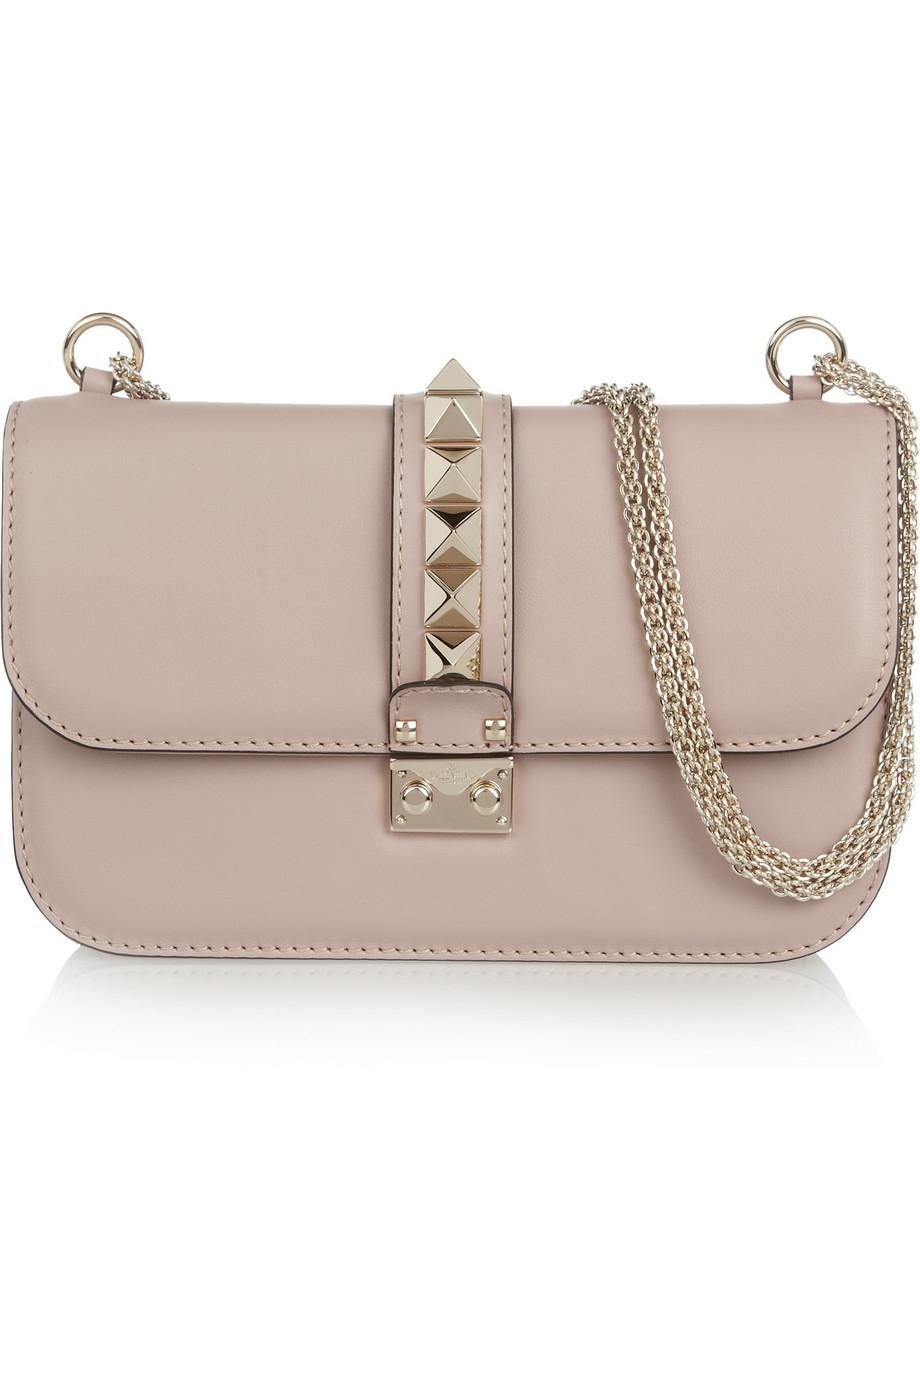 valentino glam lock medium leather shoulder bag in beige blush lyst. Black Bedroom Furniture Sets. Home Design Ideas